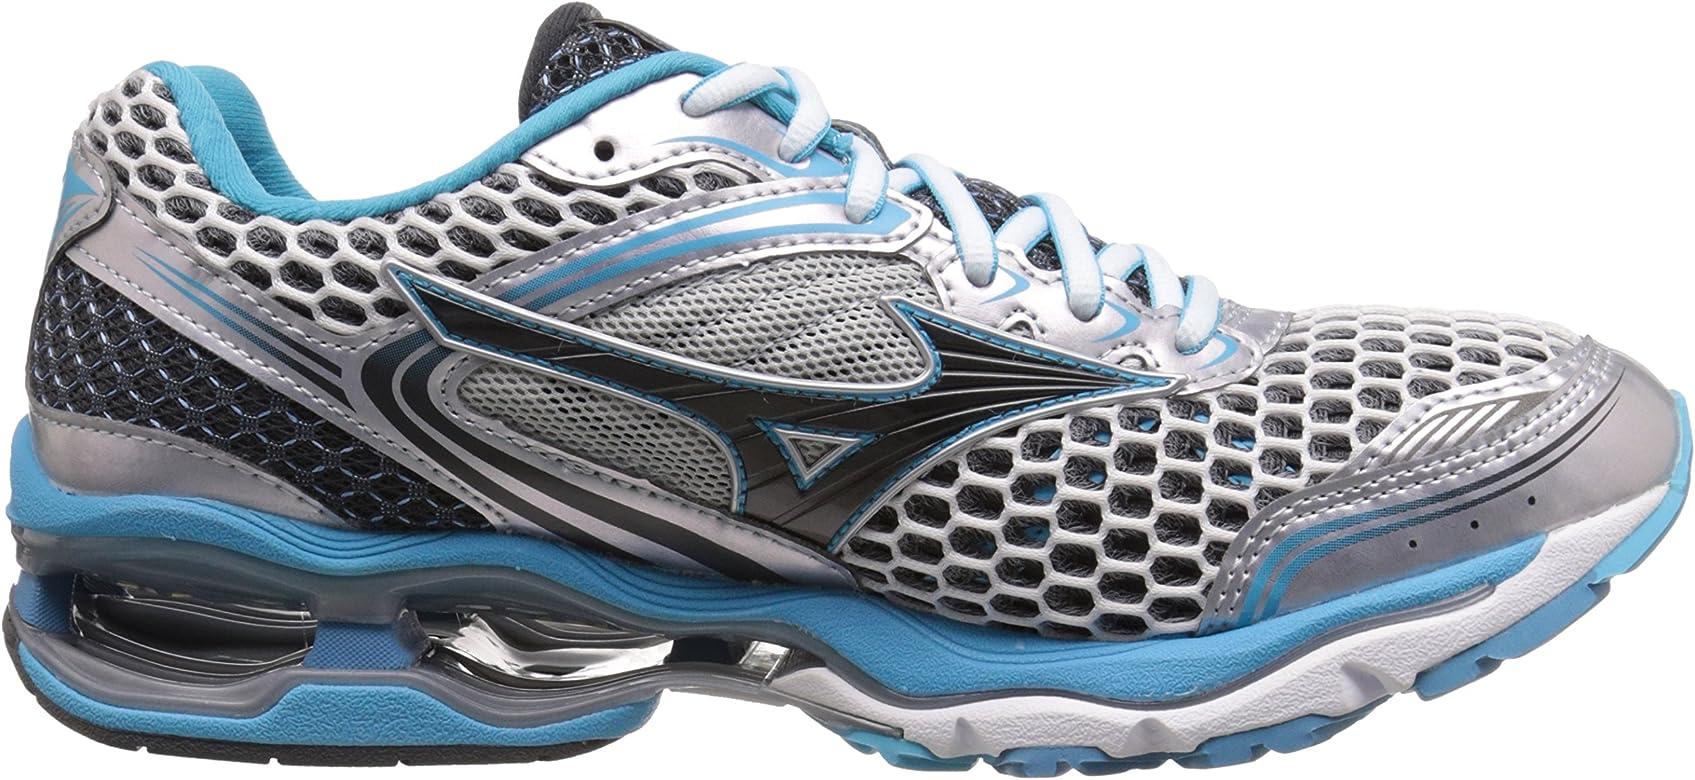 Mizuno - Wave Creation para mujer, zapatos deportivos para correr: Amazon.es: Zapatos y complementos